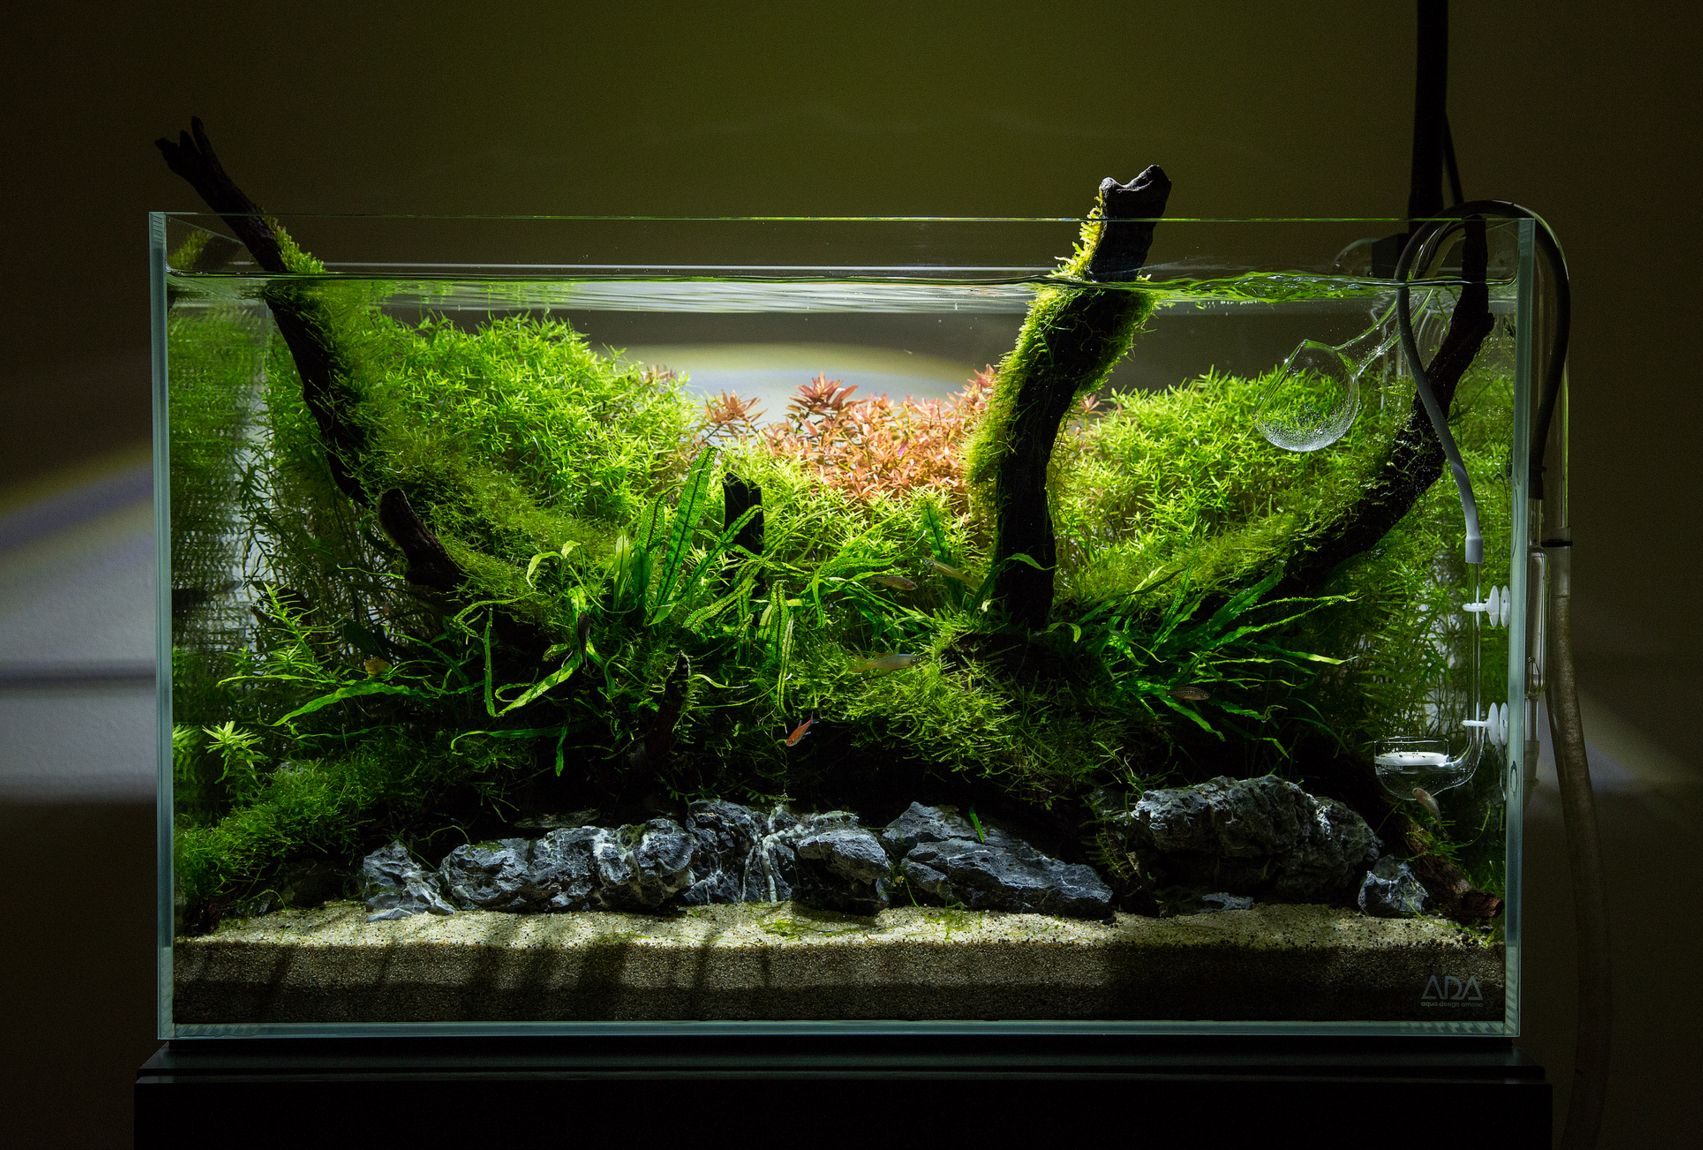 330d1413df64a22002169ff5eb95cf45 Frais De Aquarium Tropical Schème